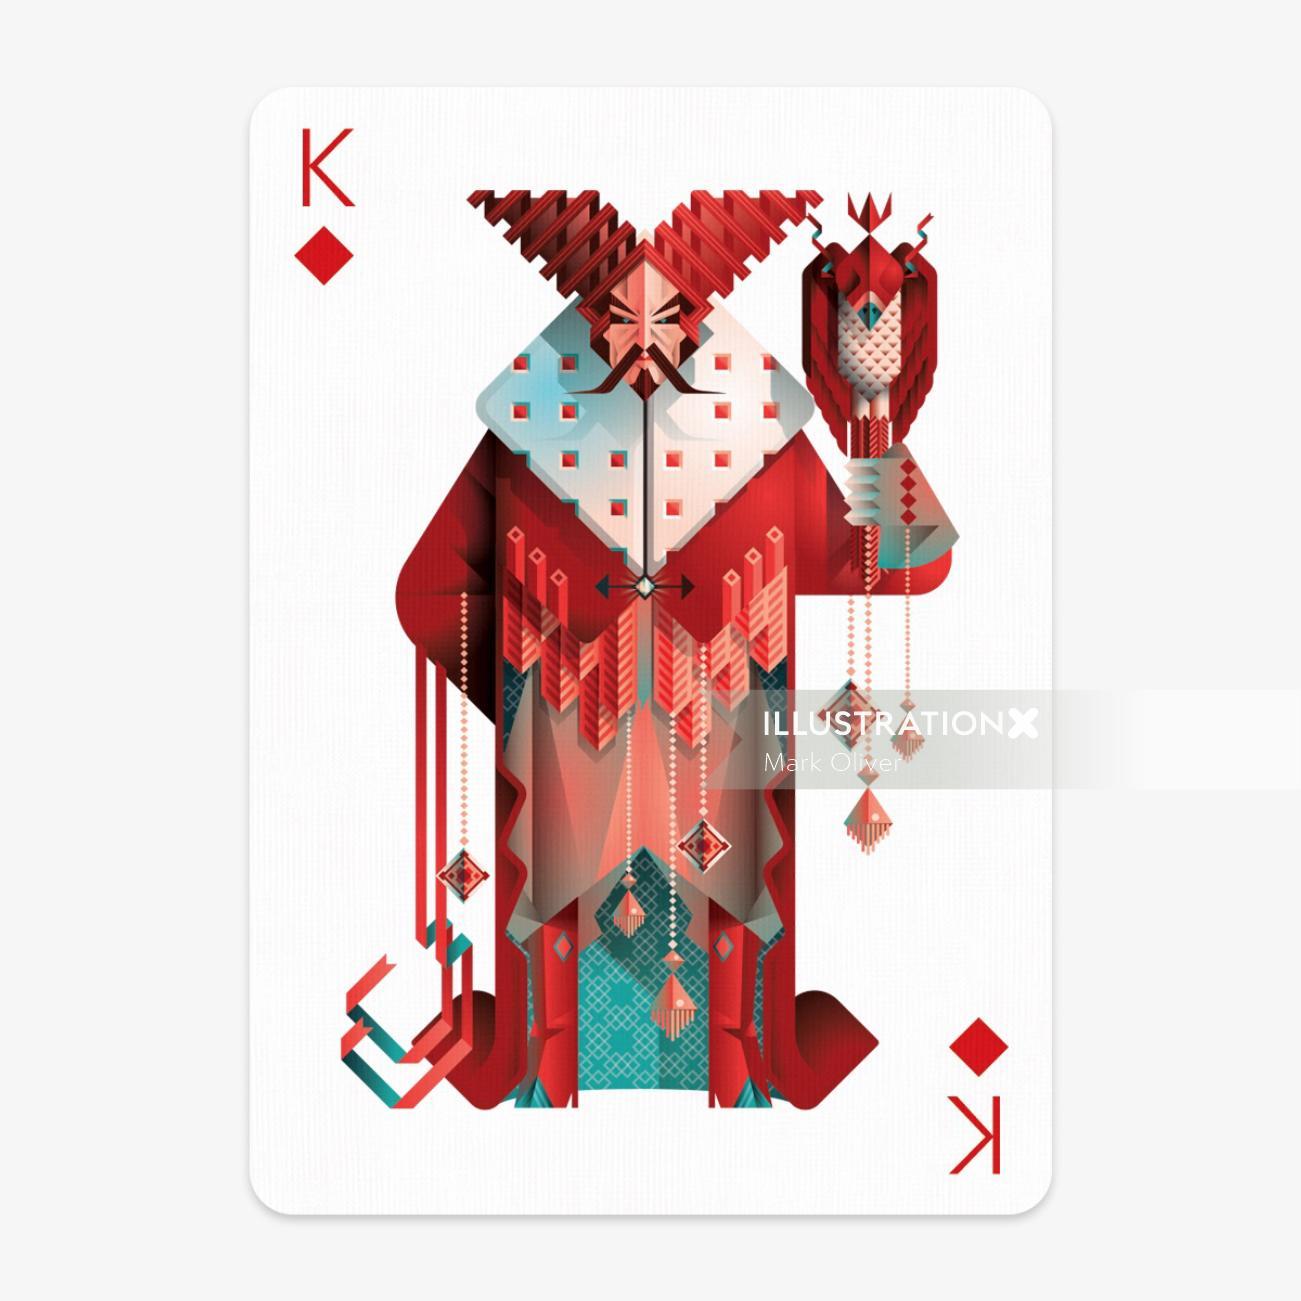 King playing card design